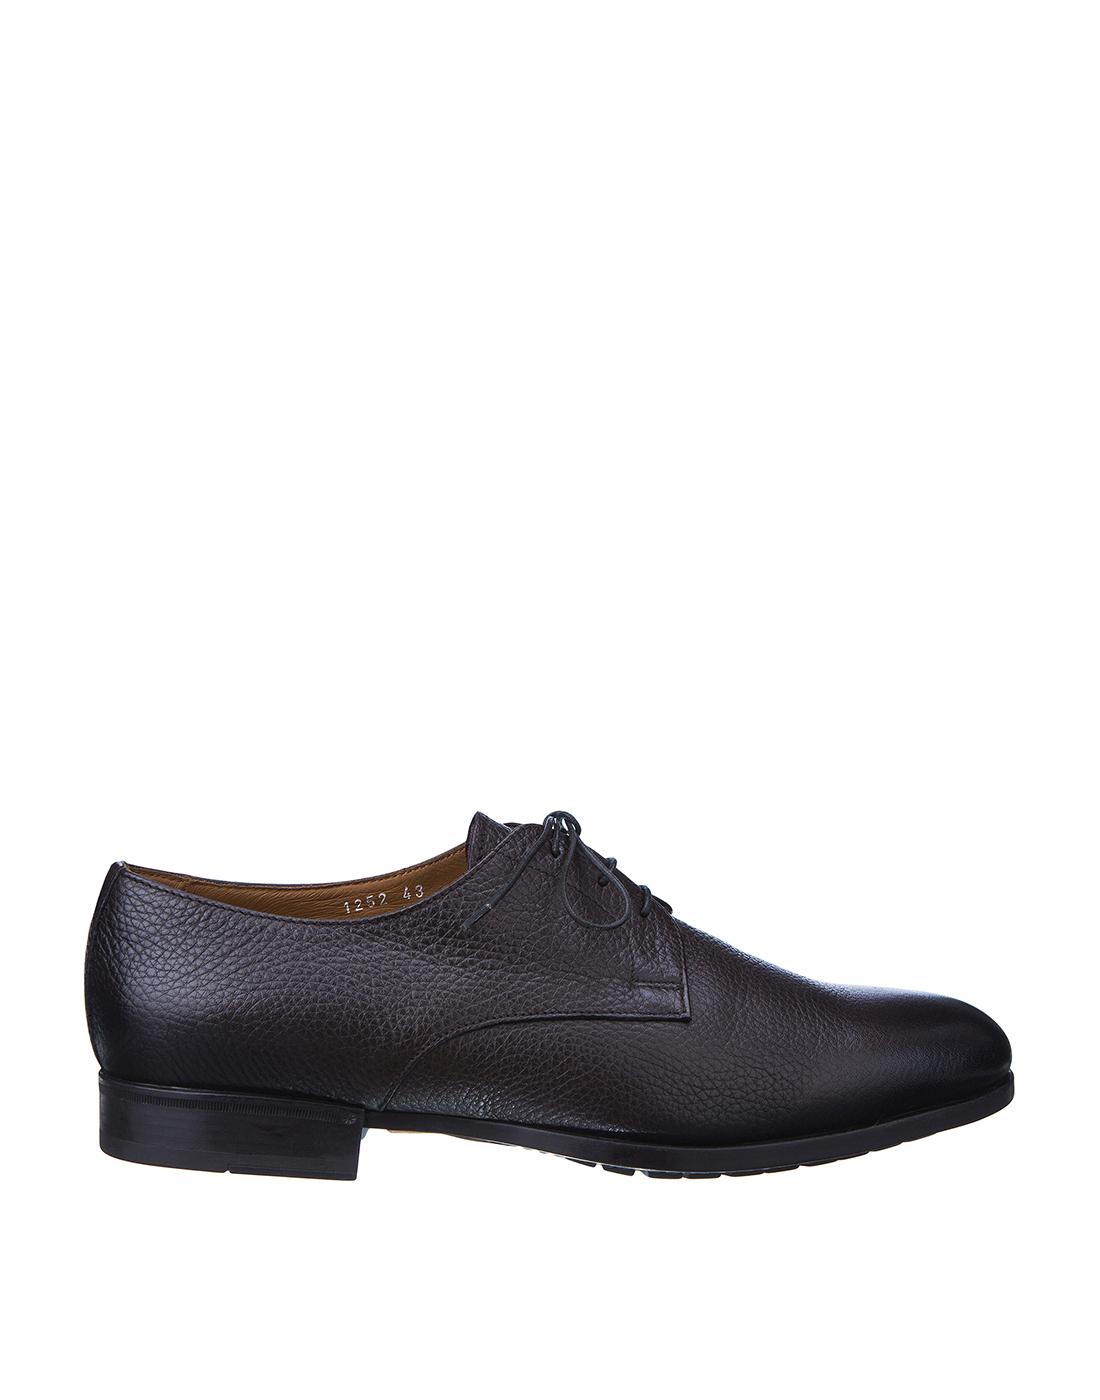 Туфли коричневые мужские Doucal's SU1252 019-1